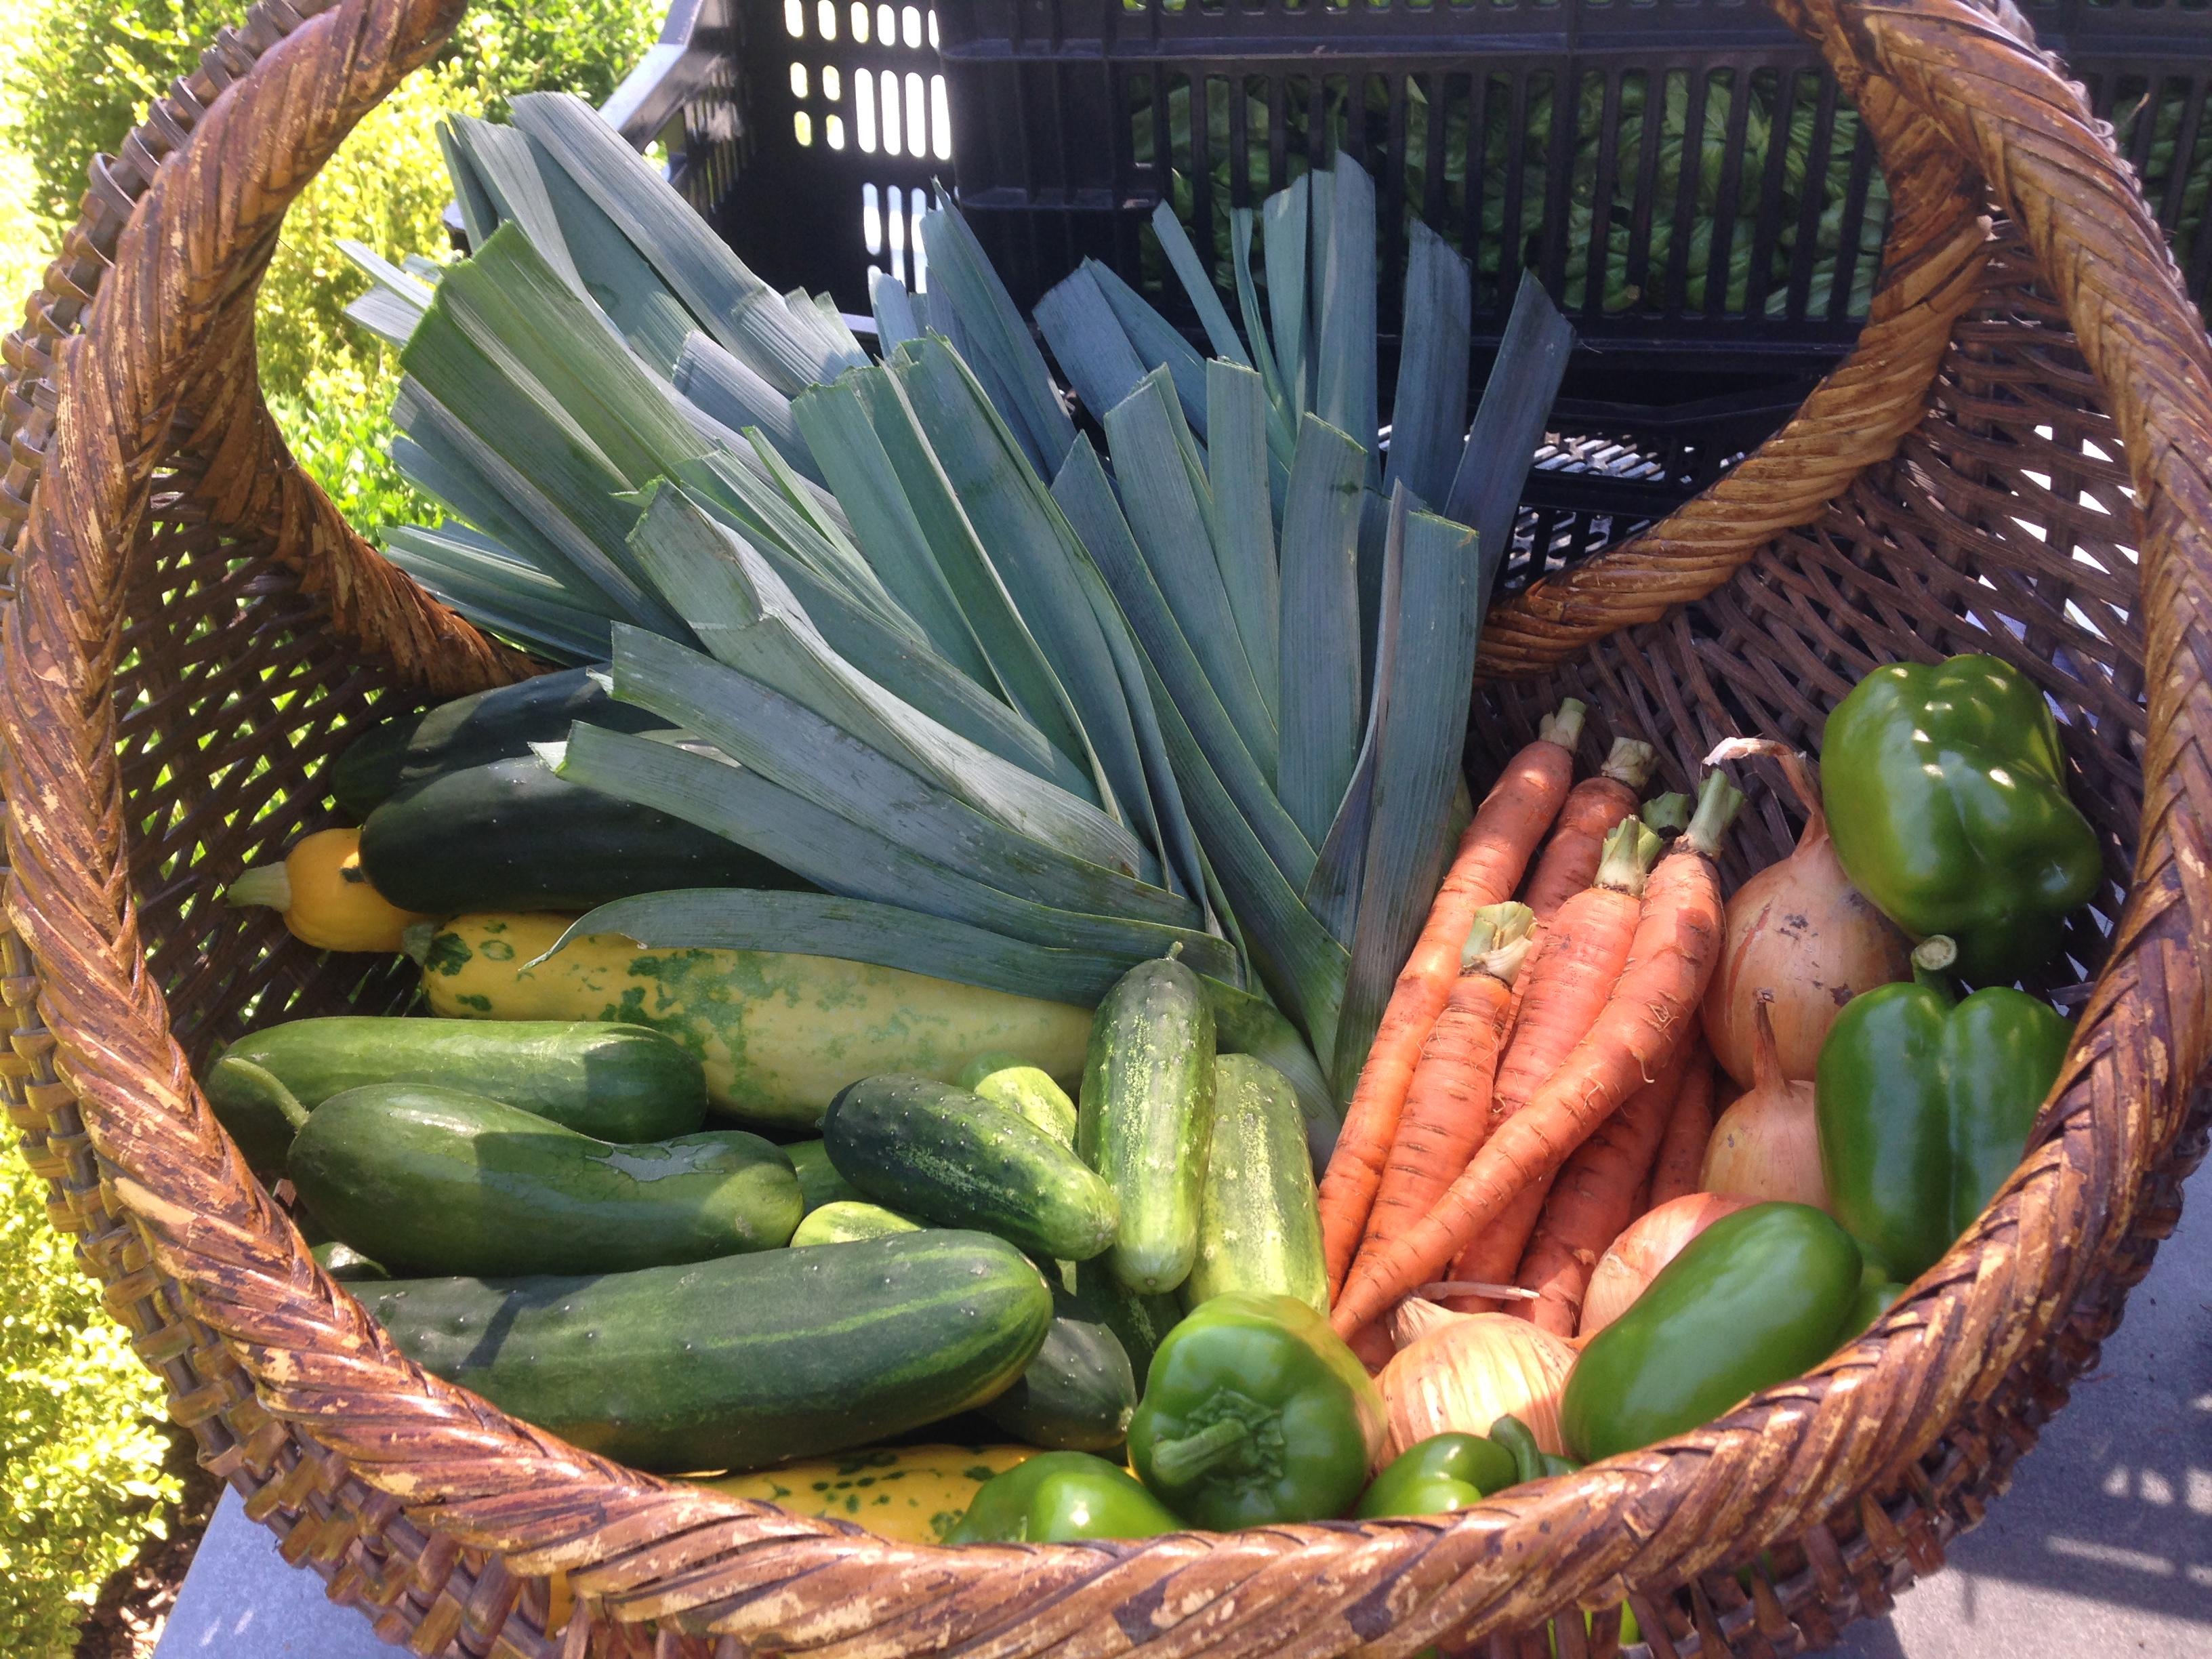 Harvest - Gateway Greening Urban Farm